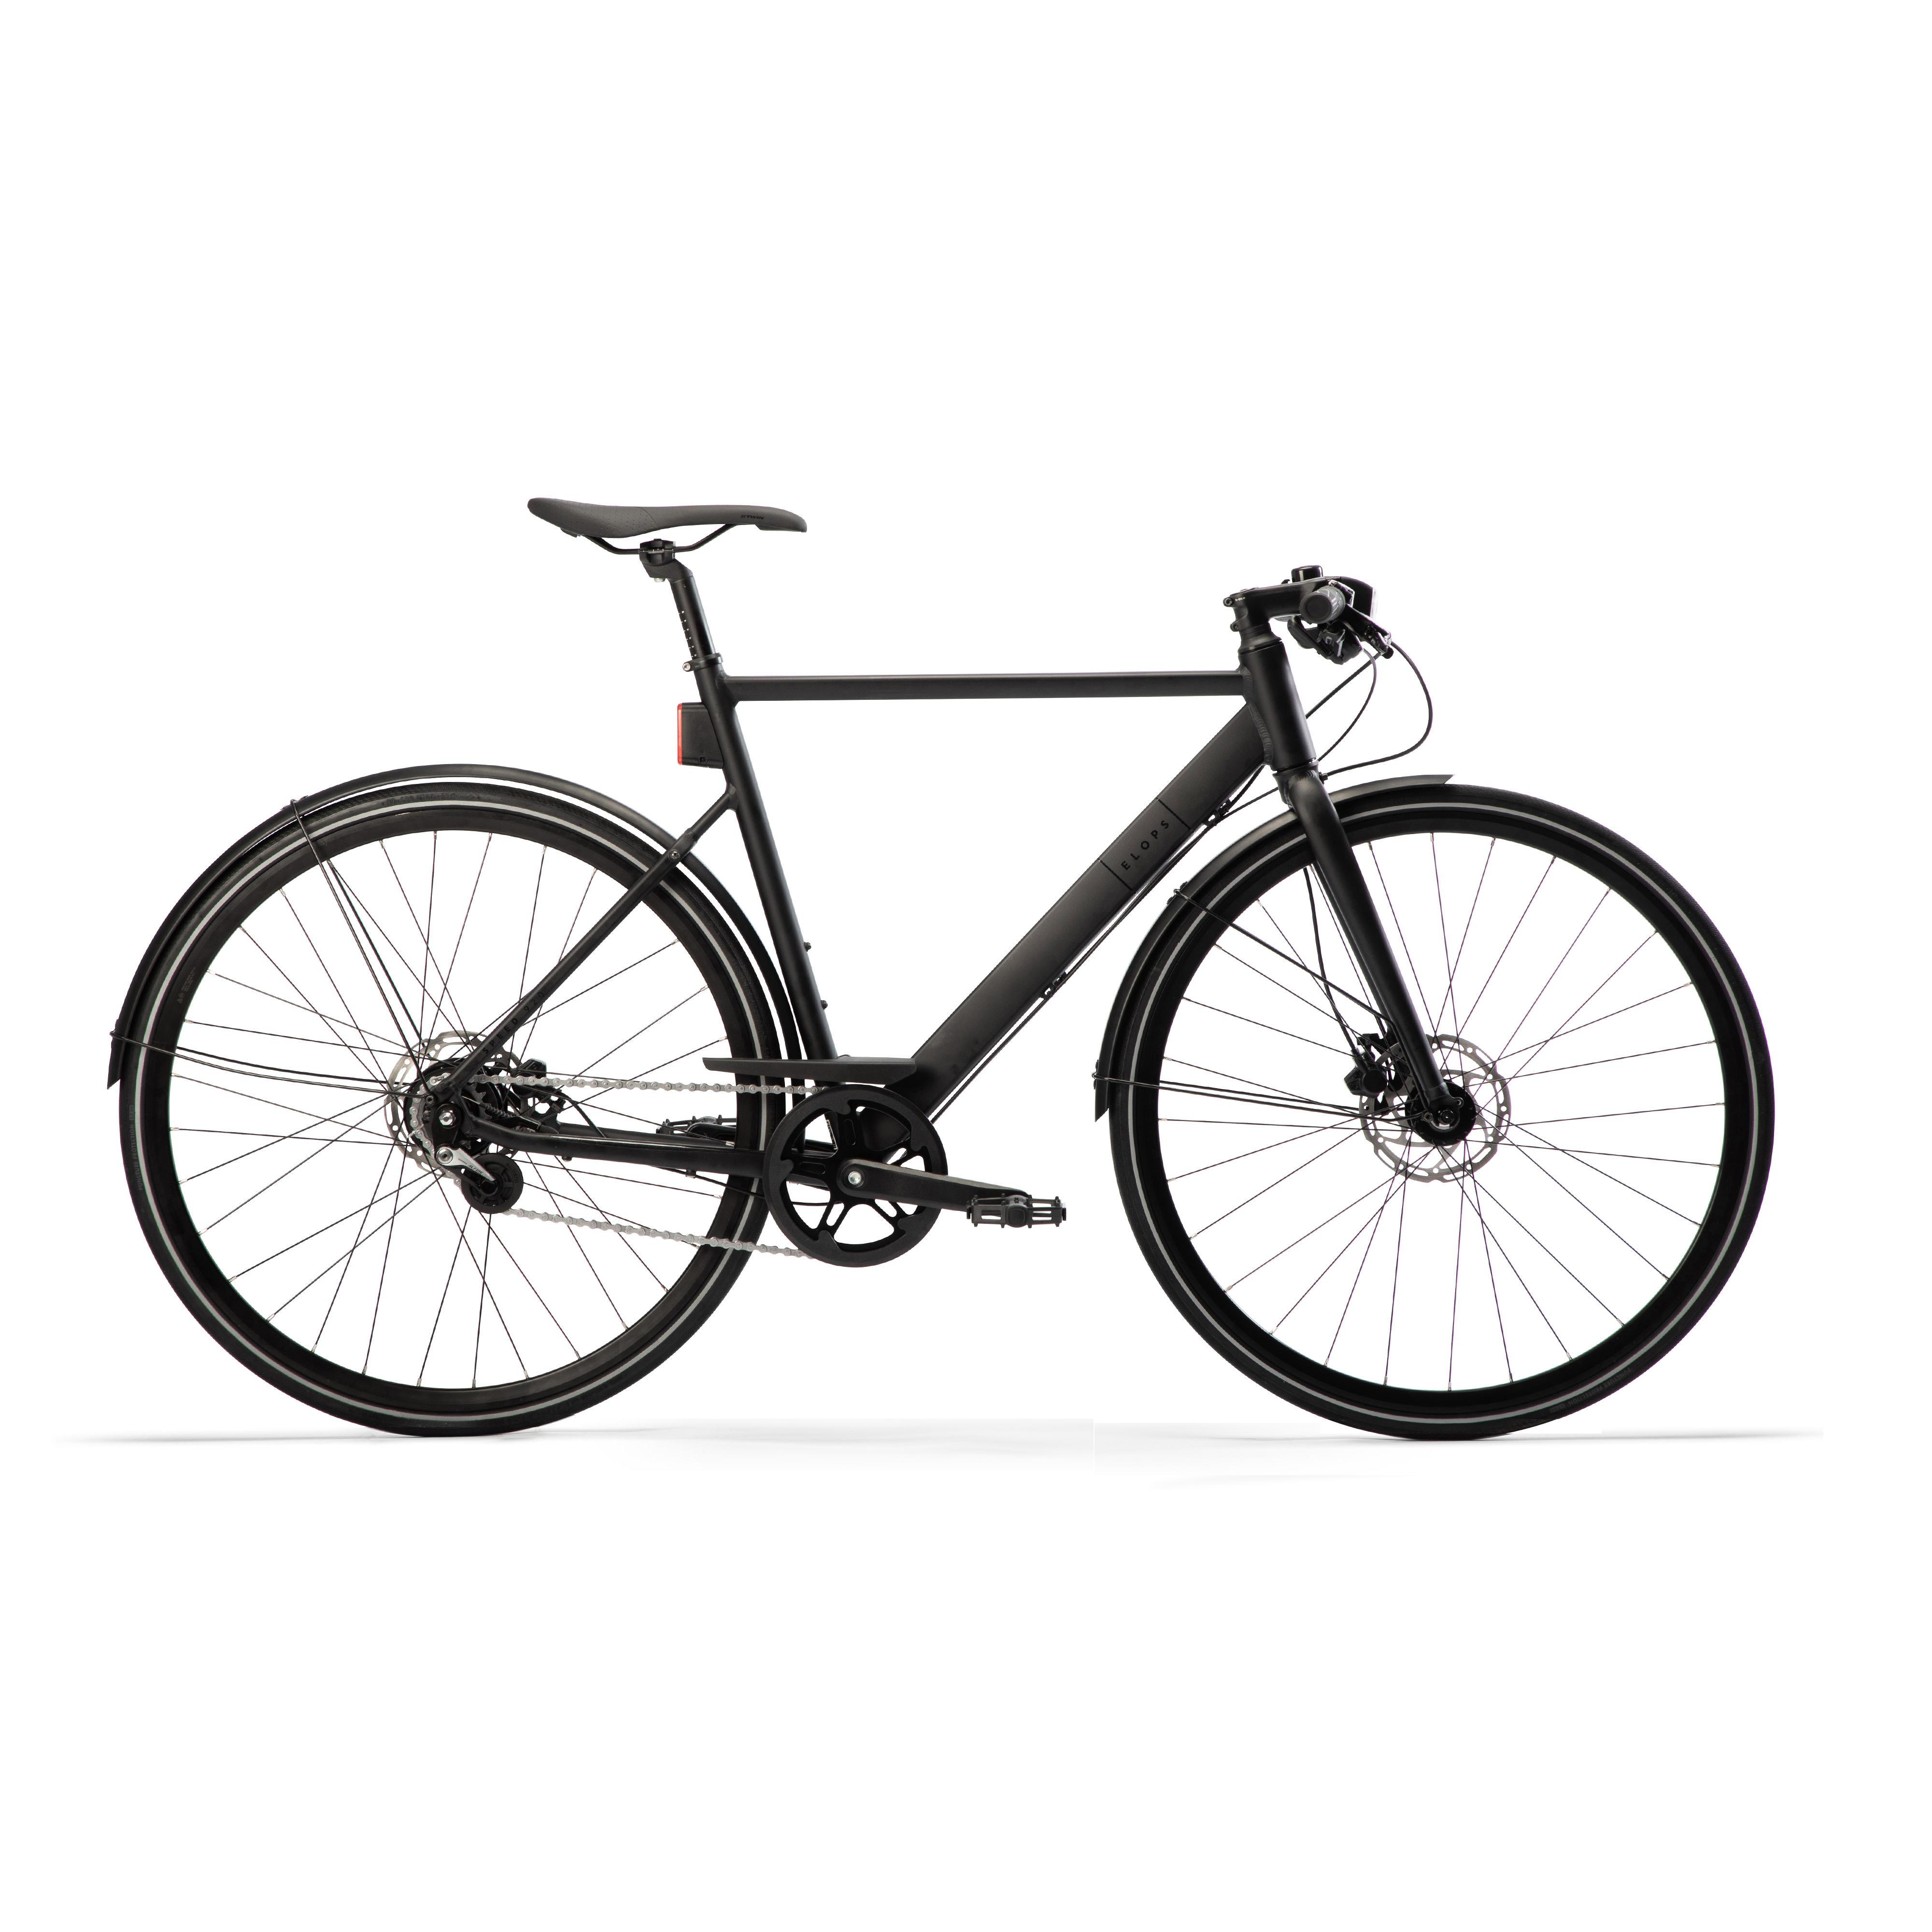 Bicicletă Elops 920 Negru la Reducere poza